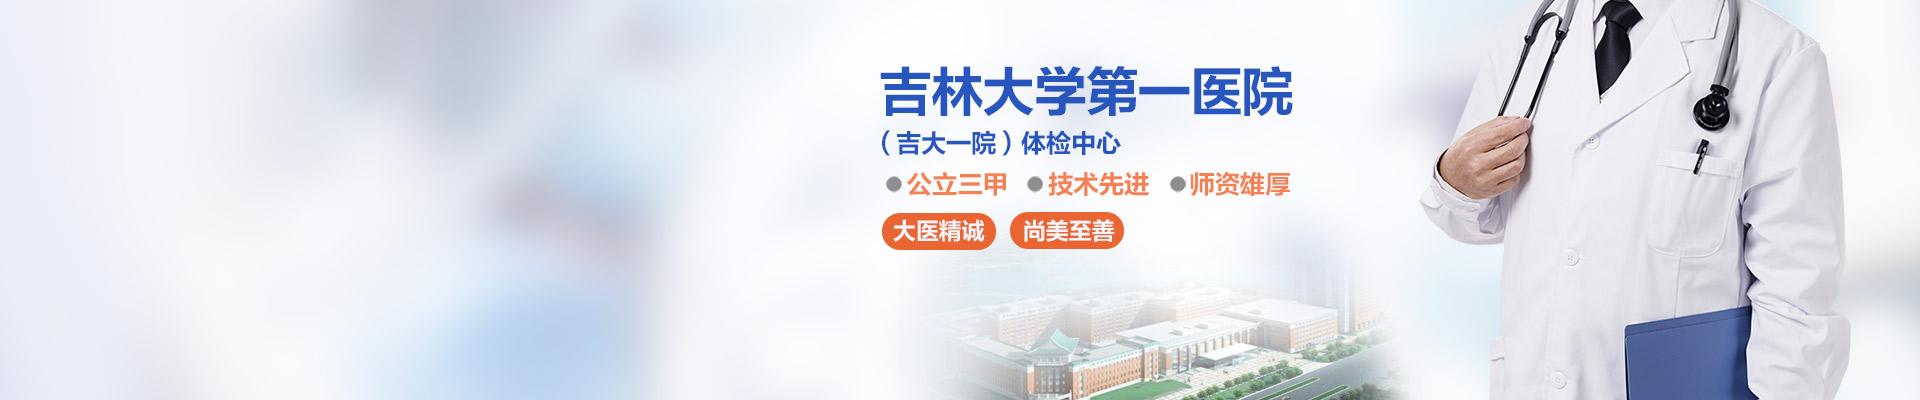 吉林大学第一医院(吉大一院)